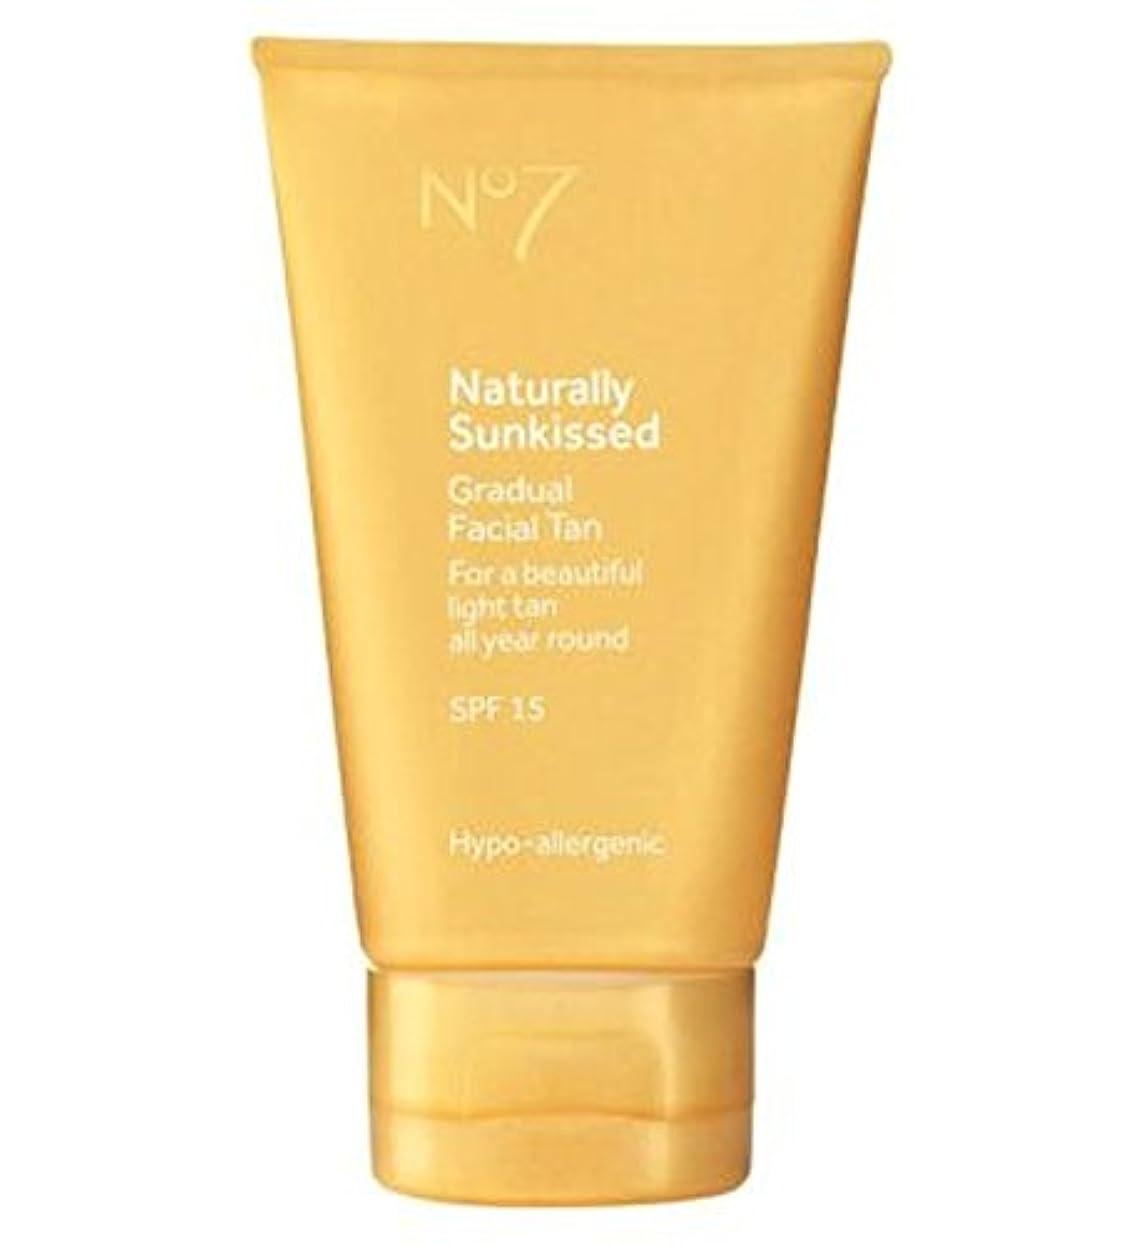 出発する火炎スペアNo7は自然に太陽が緩やかな顔日焼けSp15にキスをしました (No7) (x2) - No7 Naturally Sun Kissed Gradual Face Tan SP15 (Pack of 2) [並行輸入品]